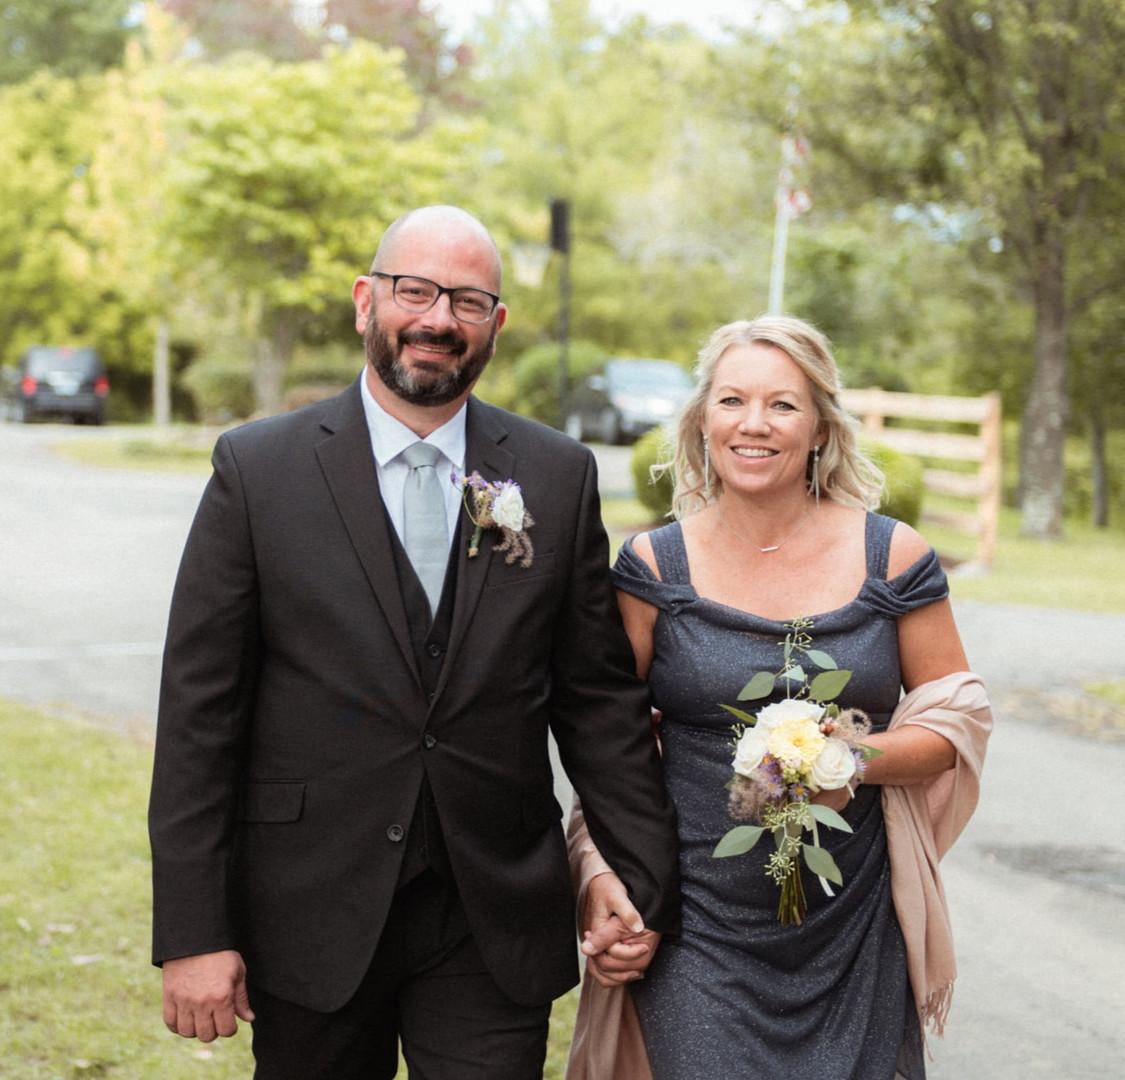 David & Tara as parents of the groom